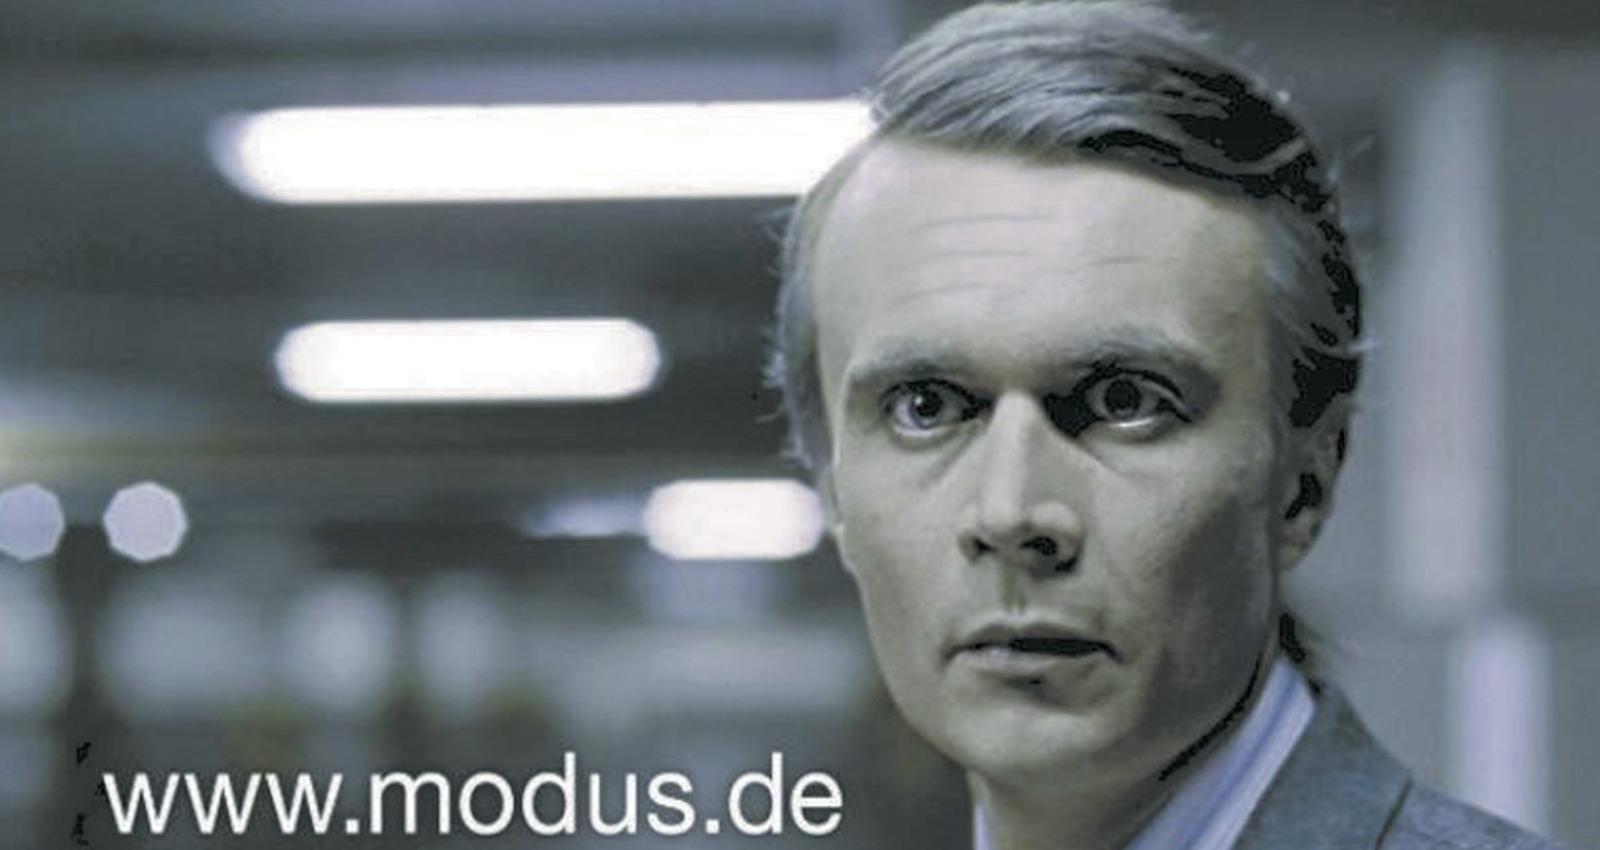 Modus - a channel hopper